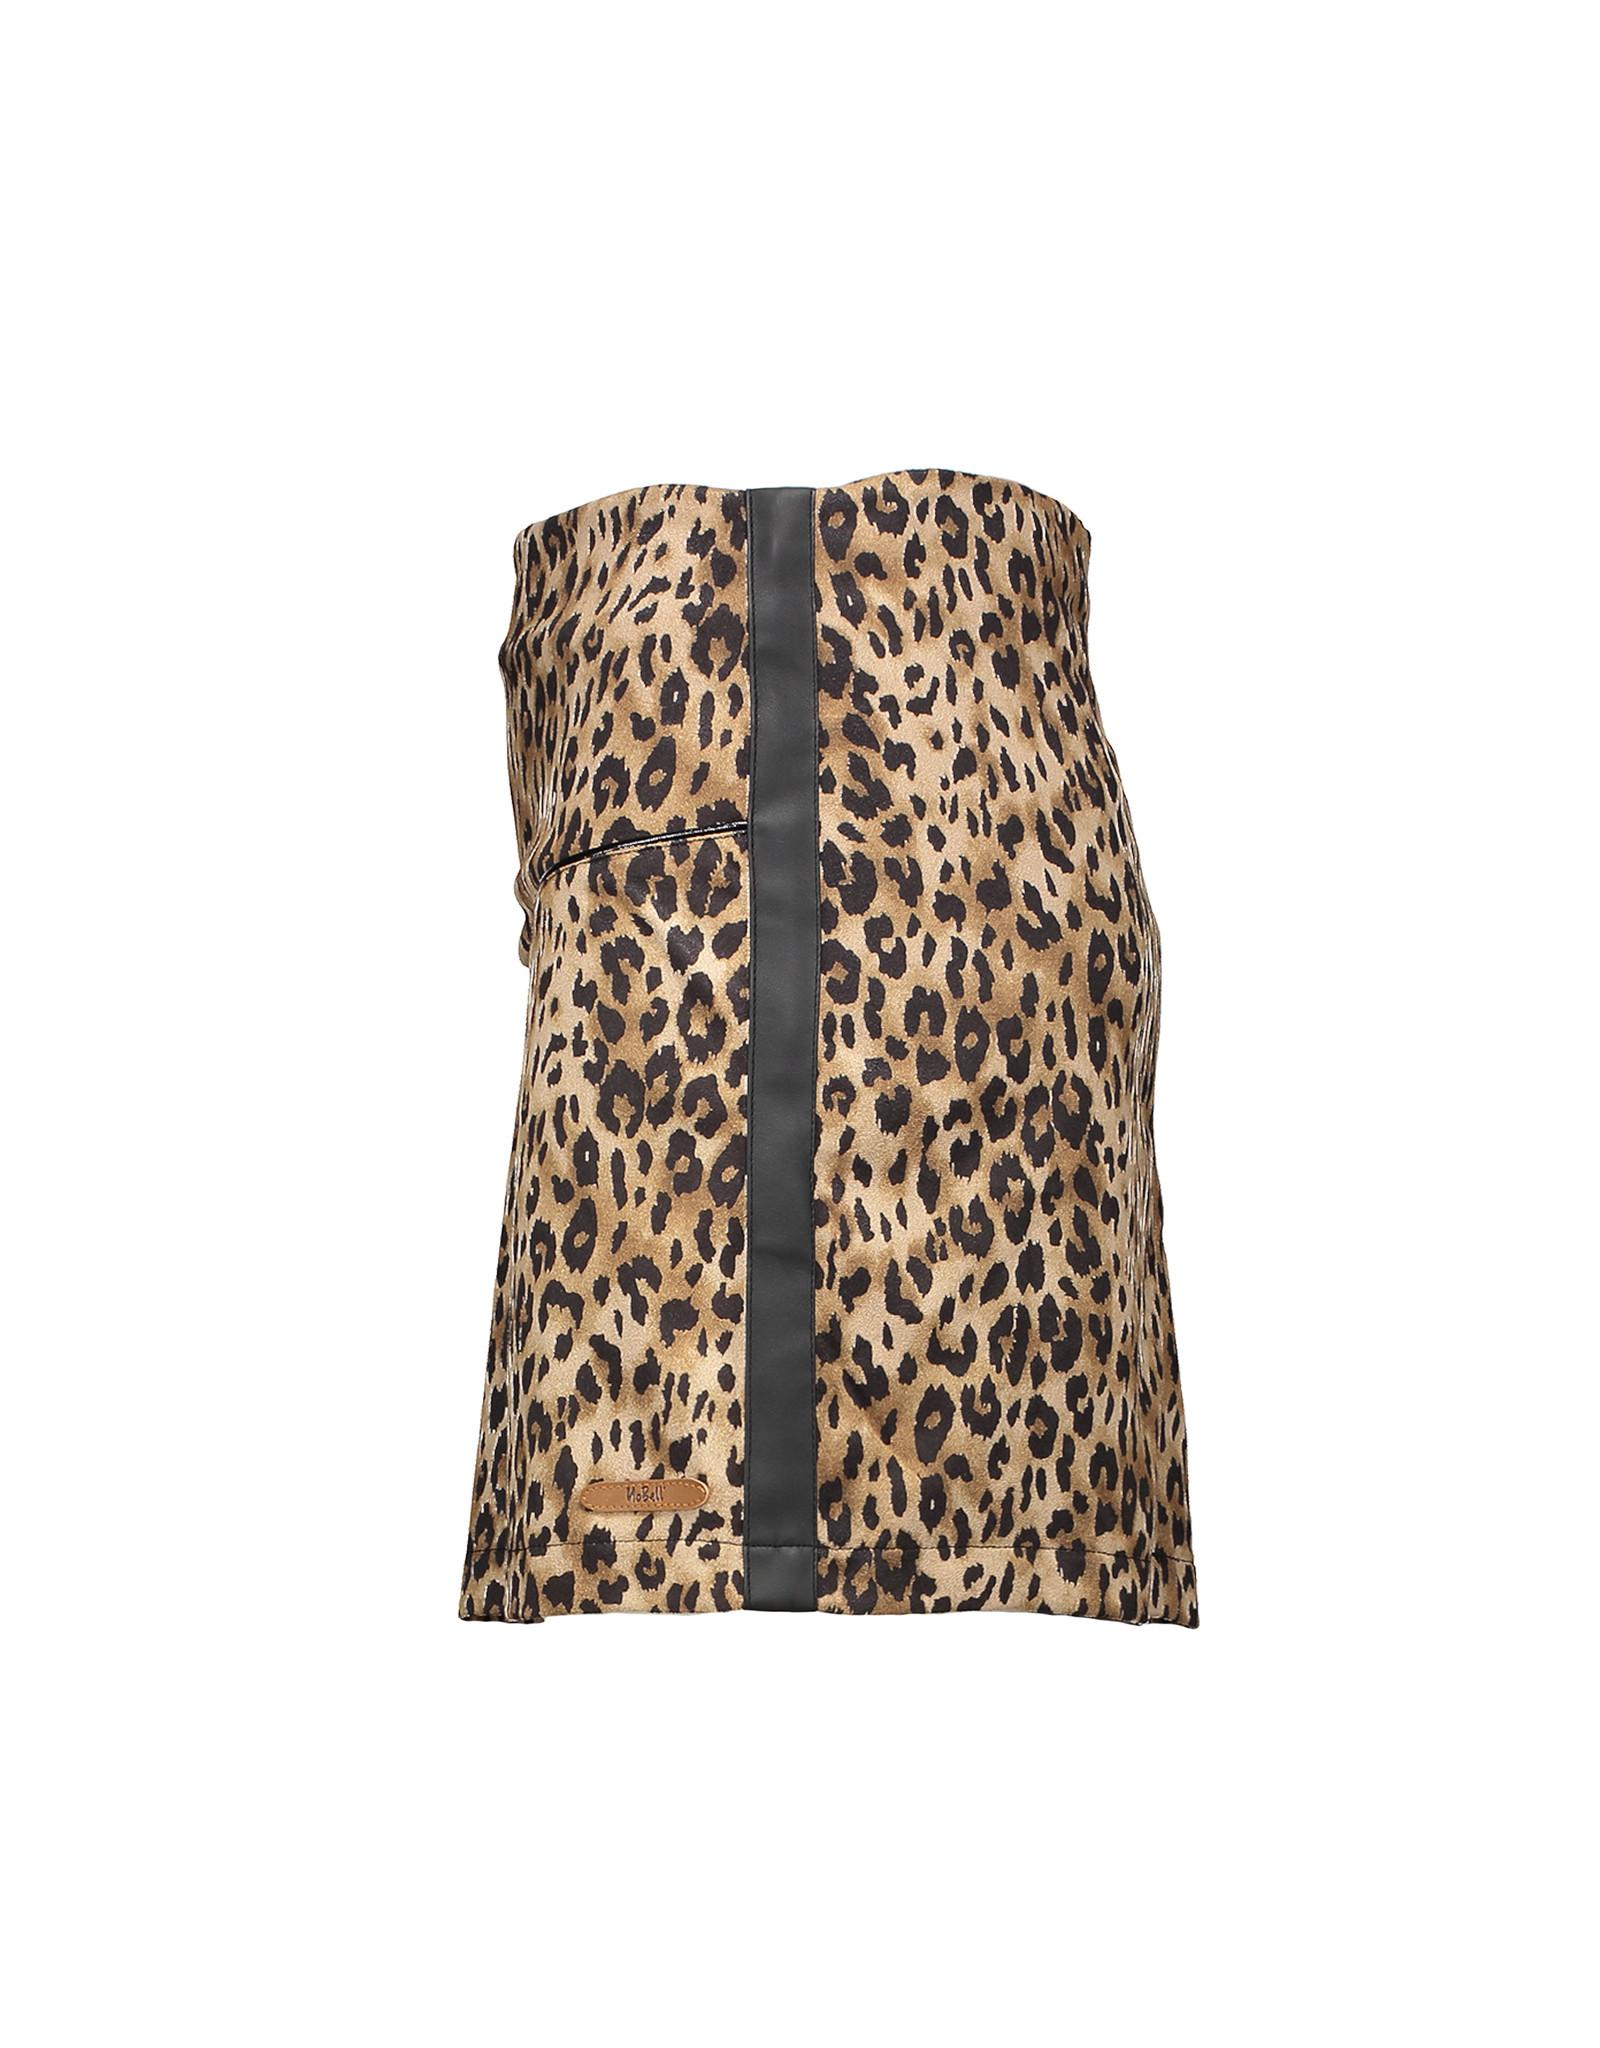 NoBell NoBell-Nisha Animal Fur A- Line Skirt-Coffee